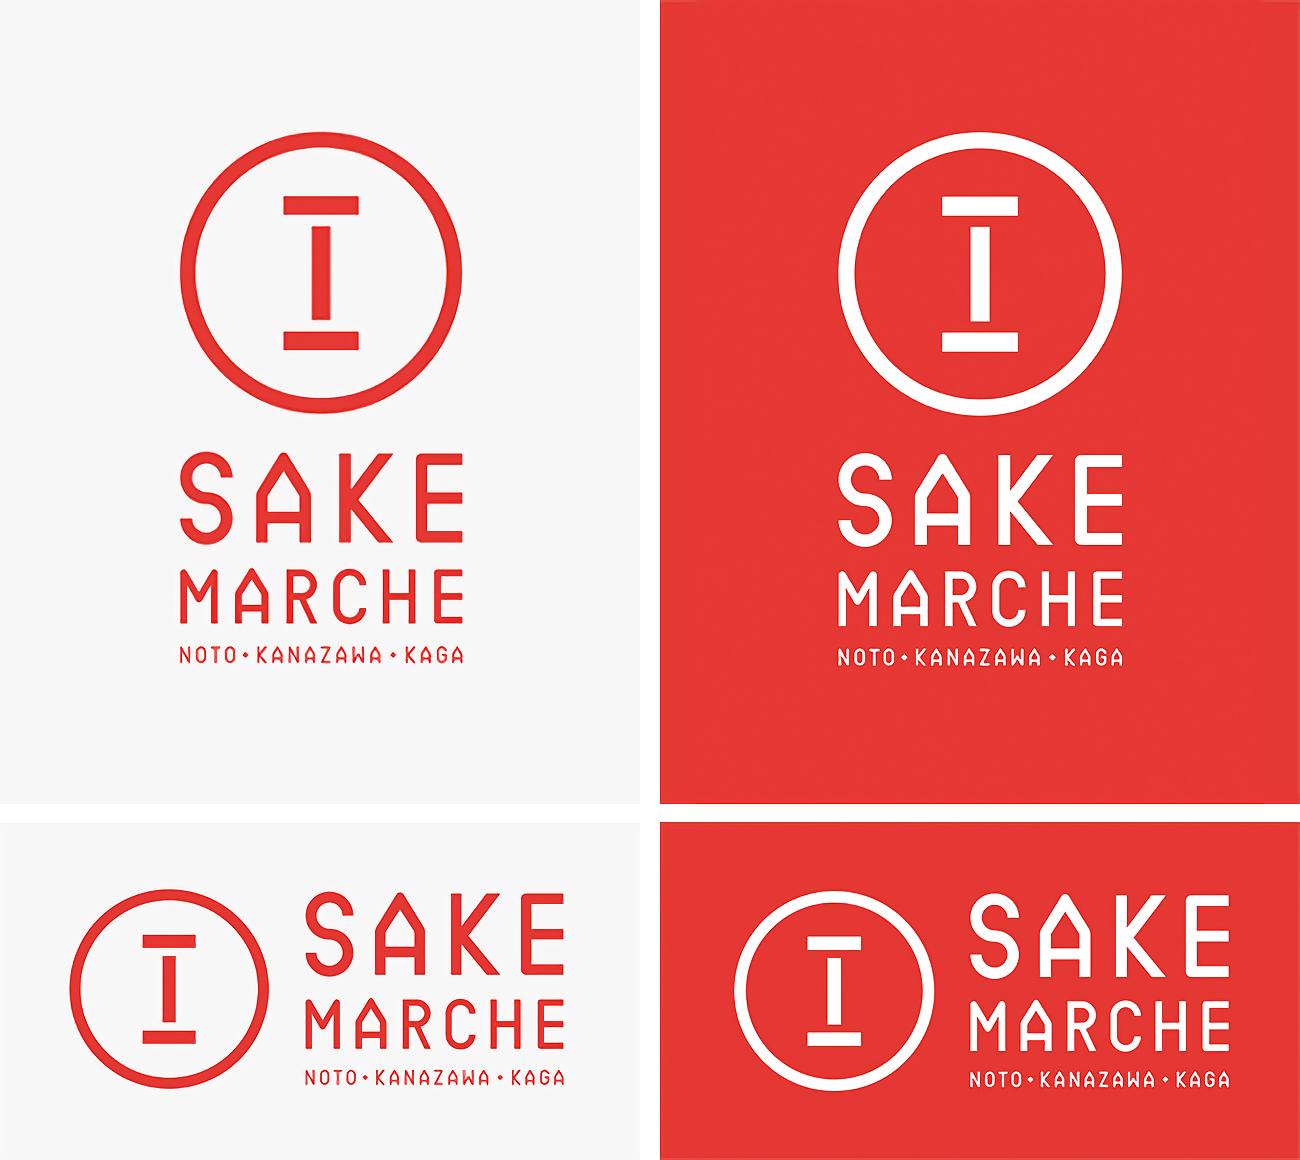 SAKE MARCHE(サケマルシェ)